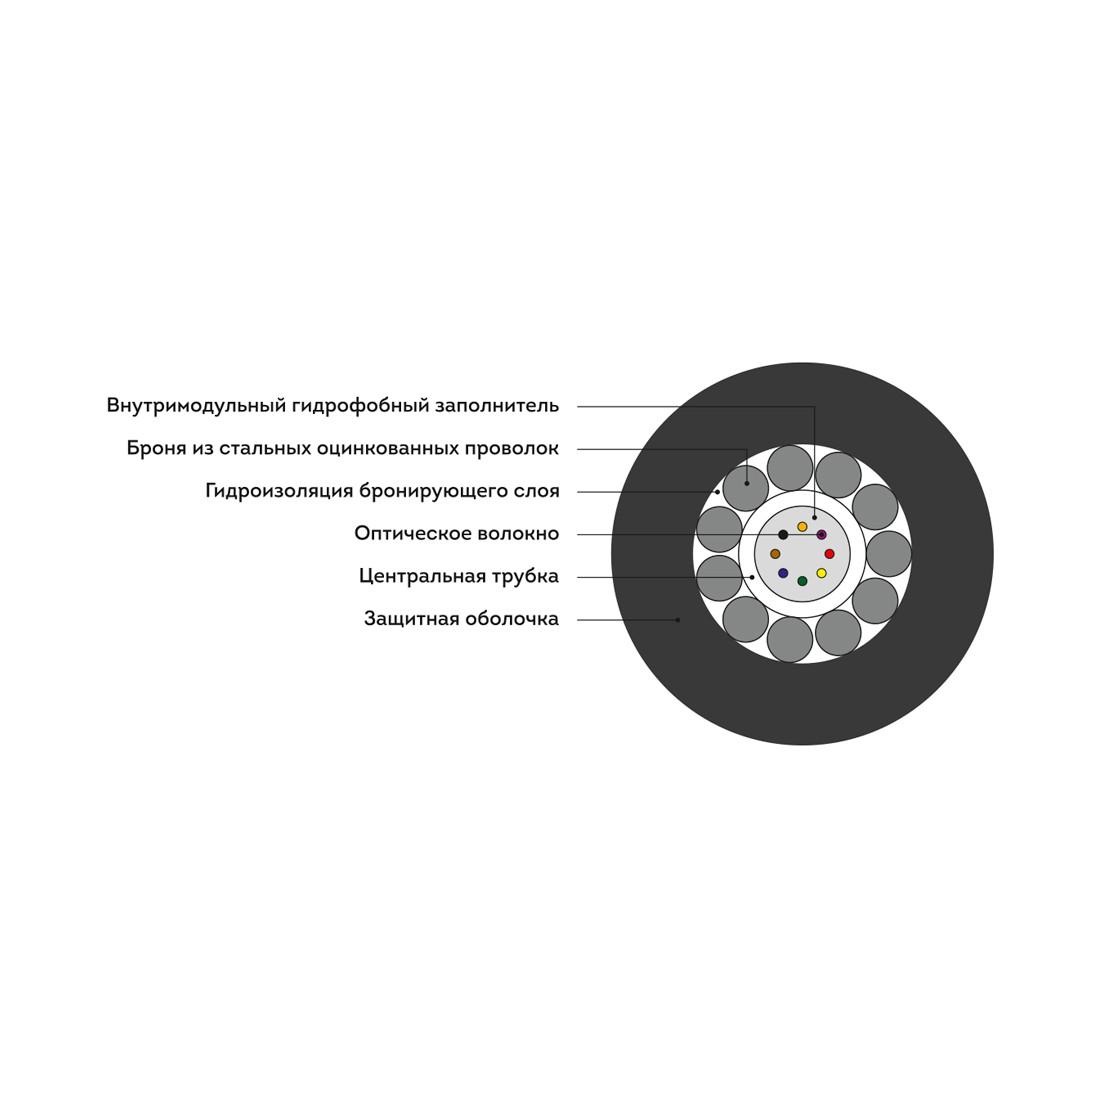 Кабель оптоволоконный ИКБ-Т-А24-2.7кН